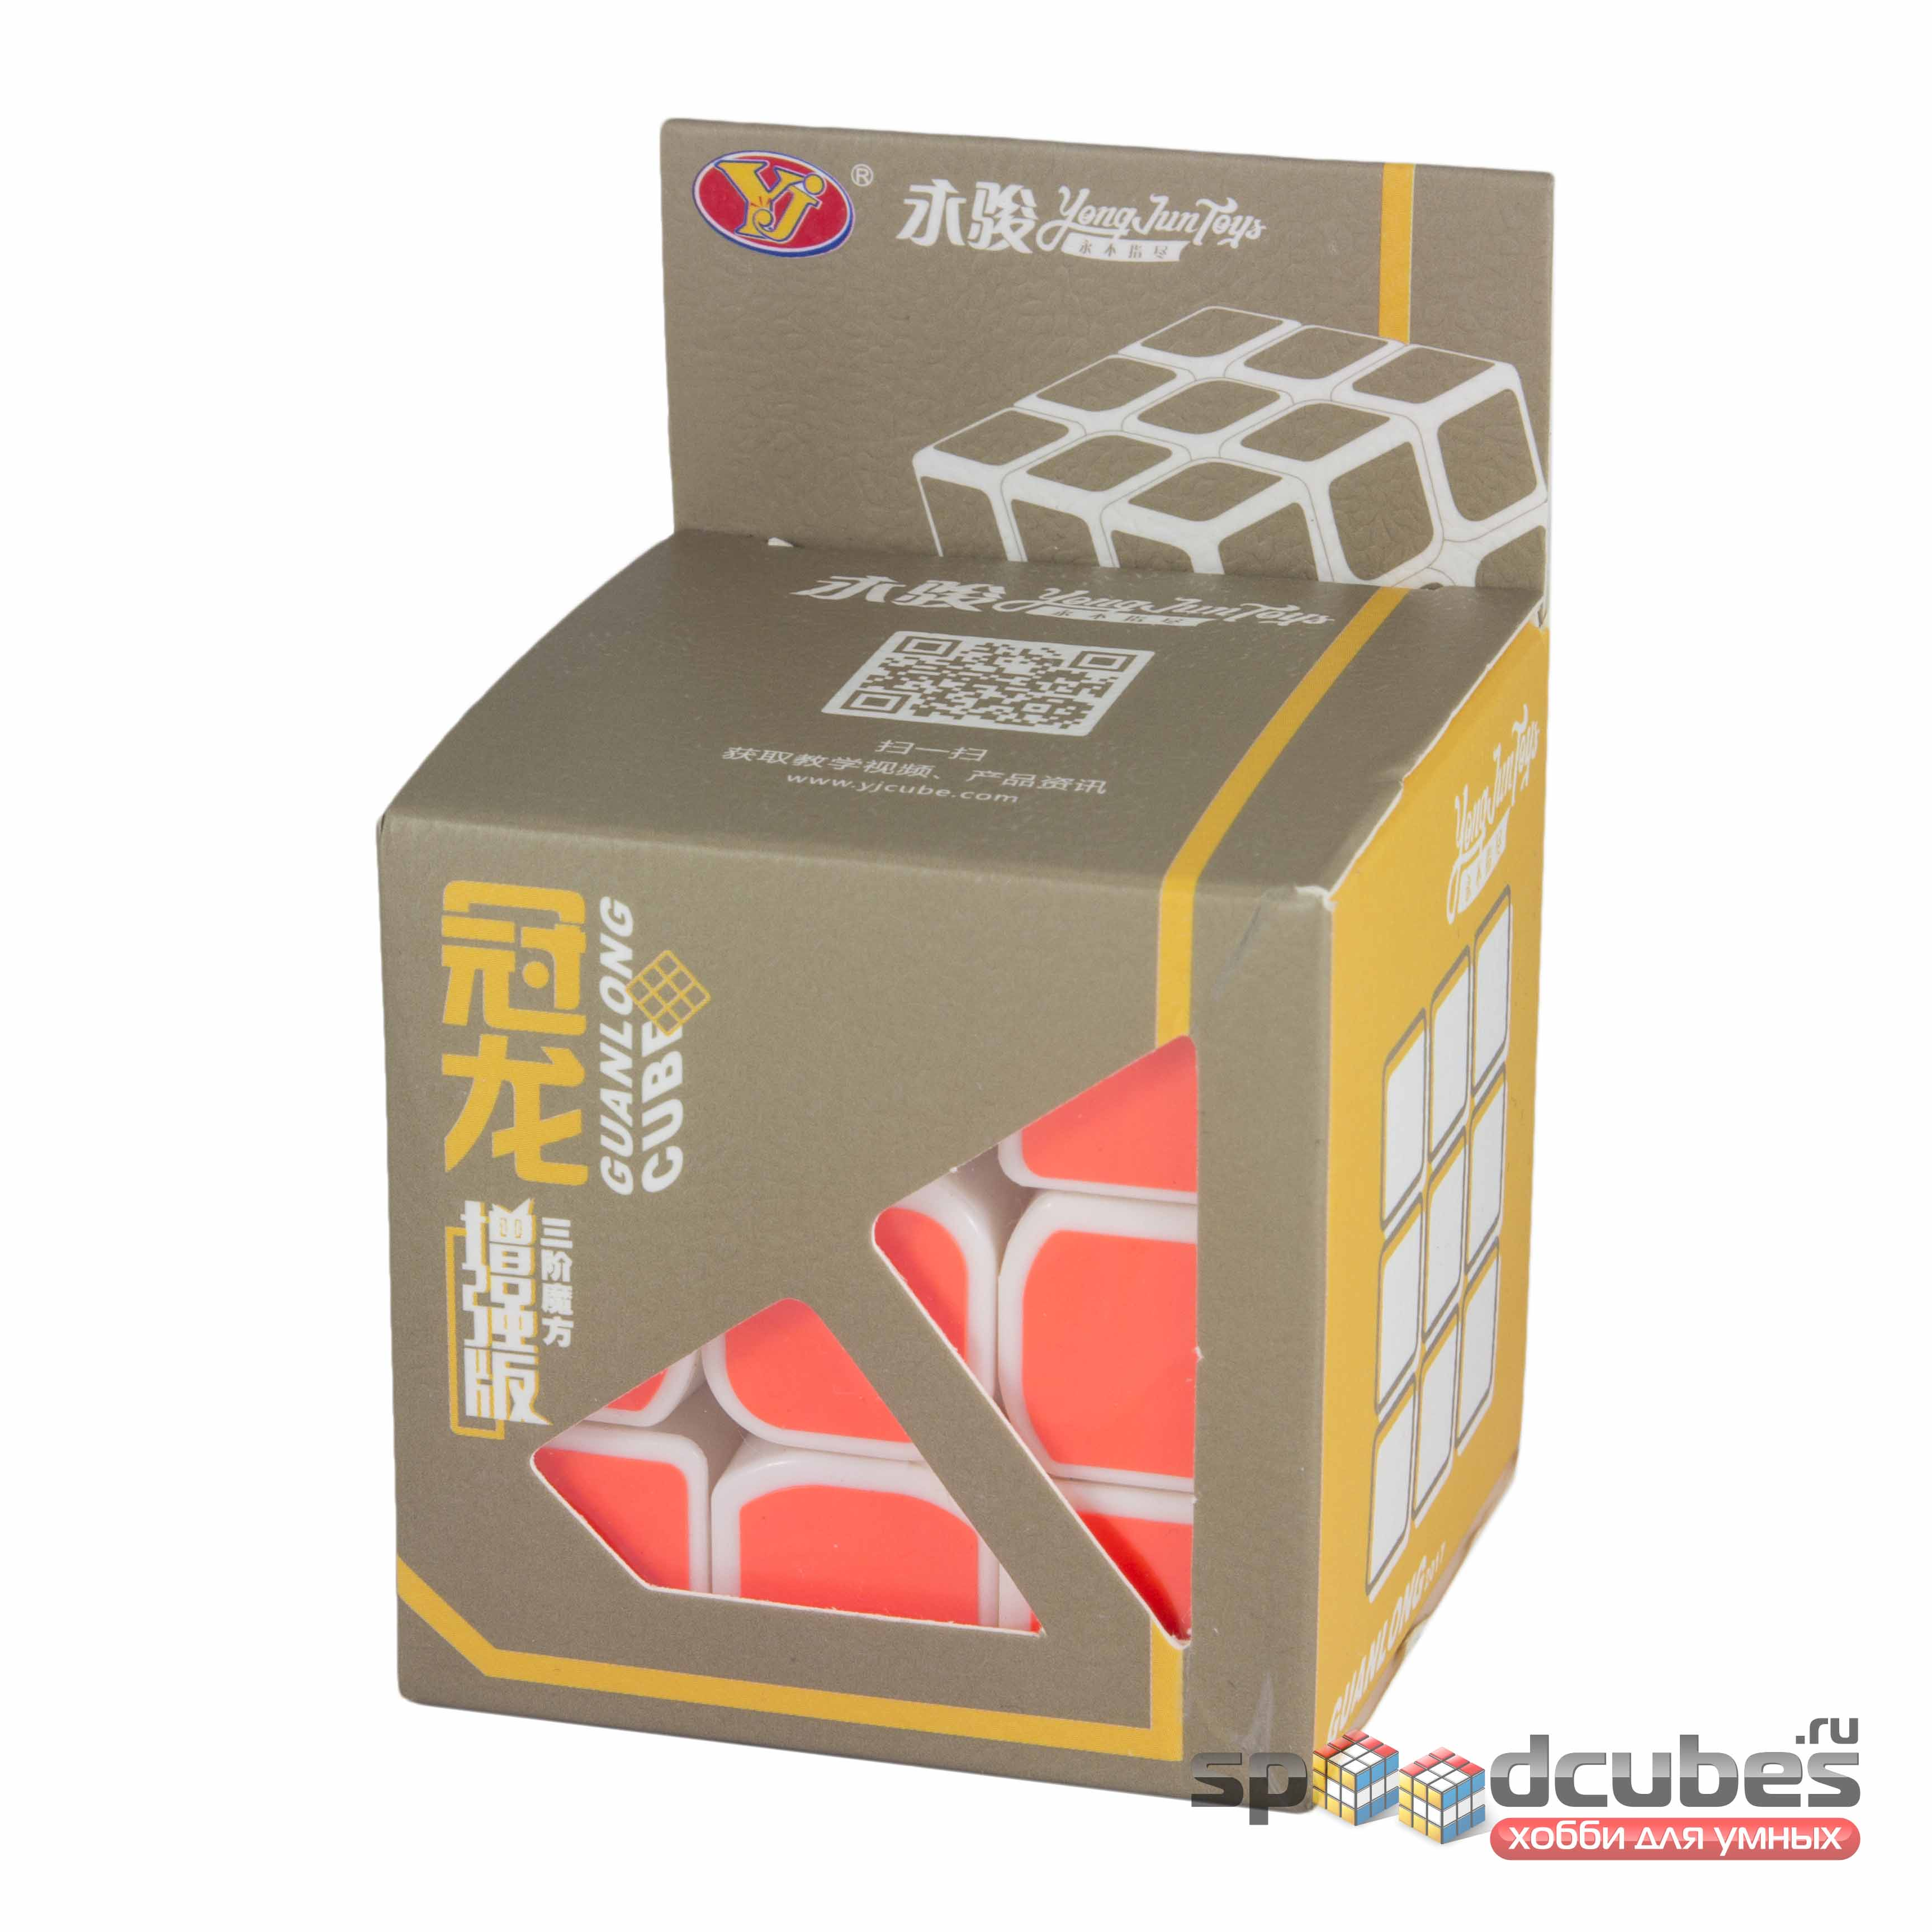 Moyu Yj 3x3x3 Guanlong Plus White 1